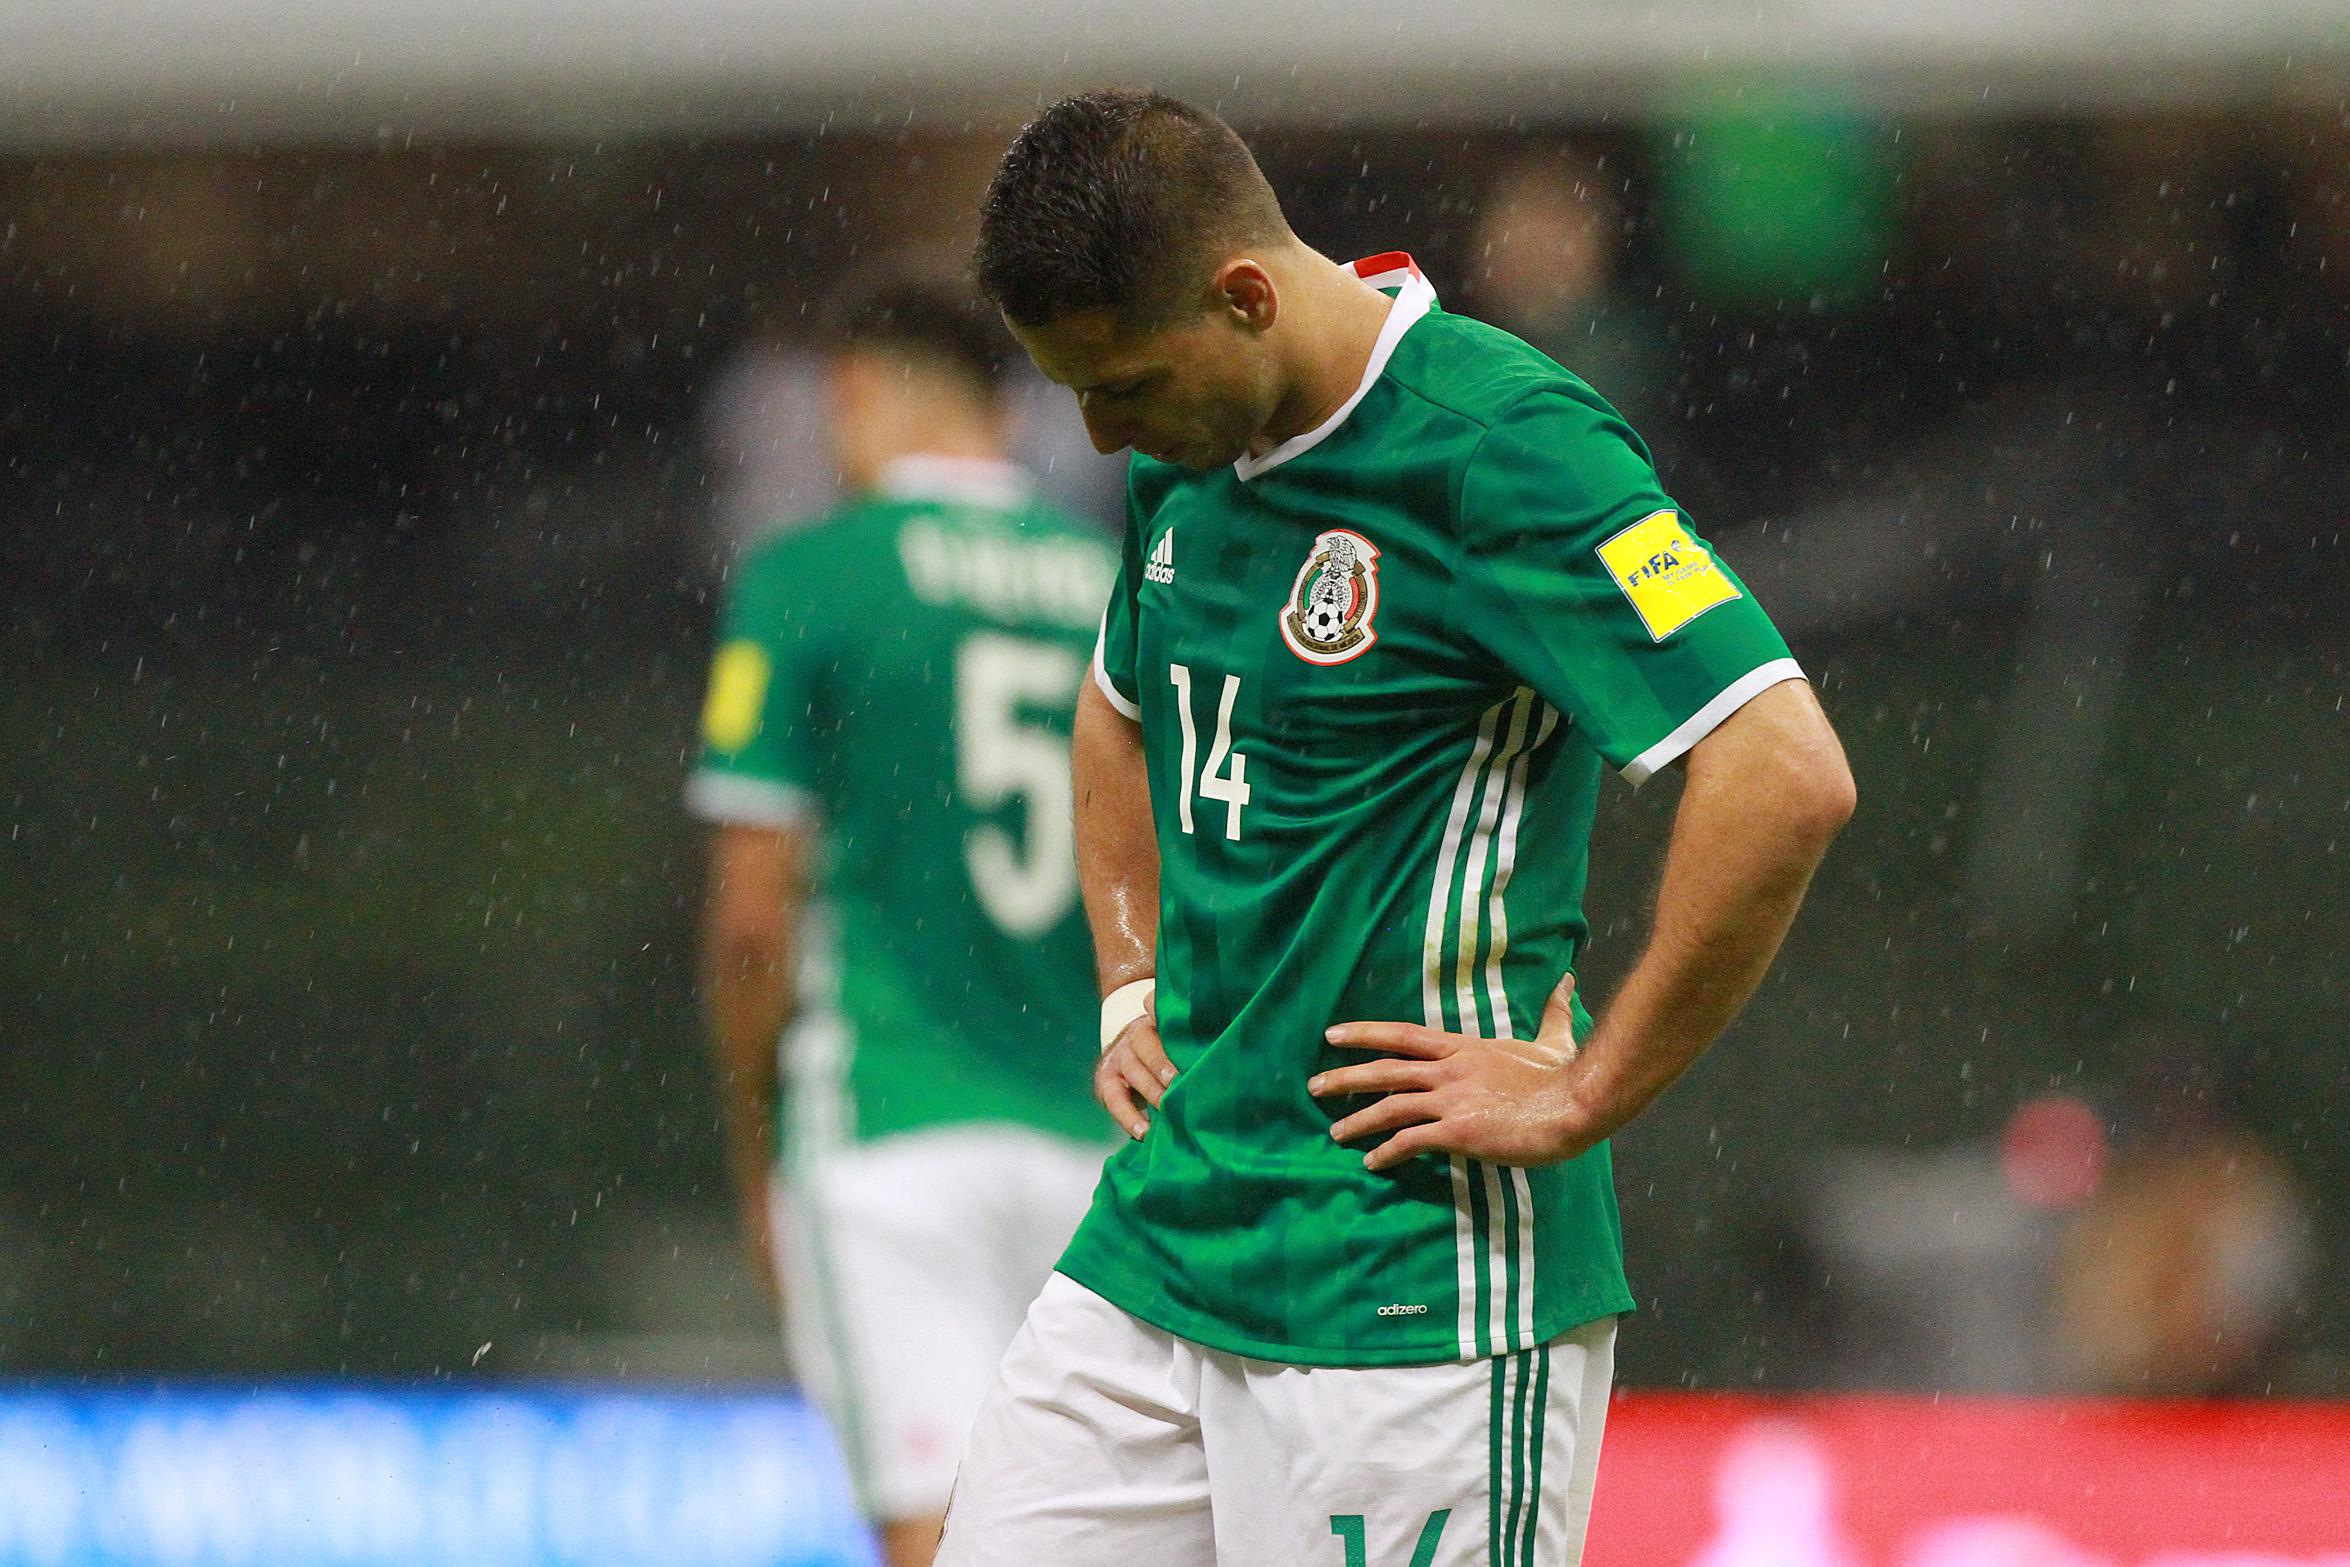 Con la obligación de mejorar, México se juega pase ante Rusia en Copa Confederaciones